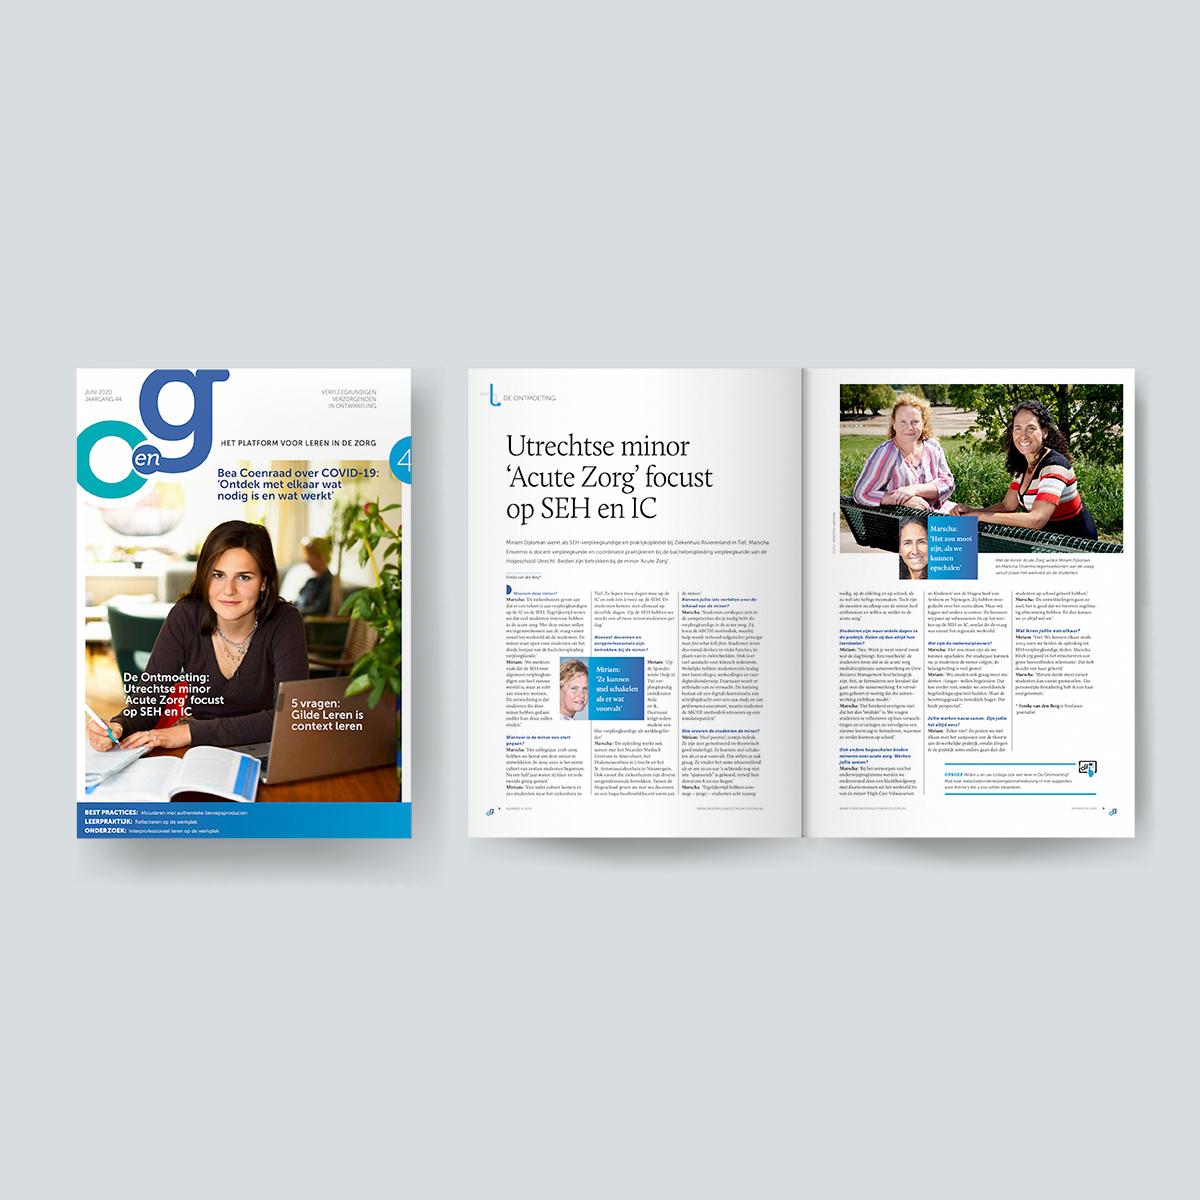 oeng_mockup-cover-en-opengeslagen-magazine-2-paginas